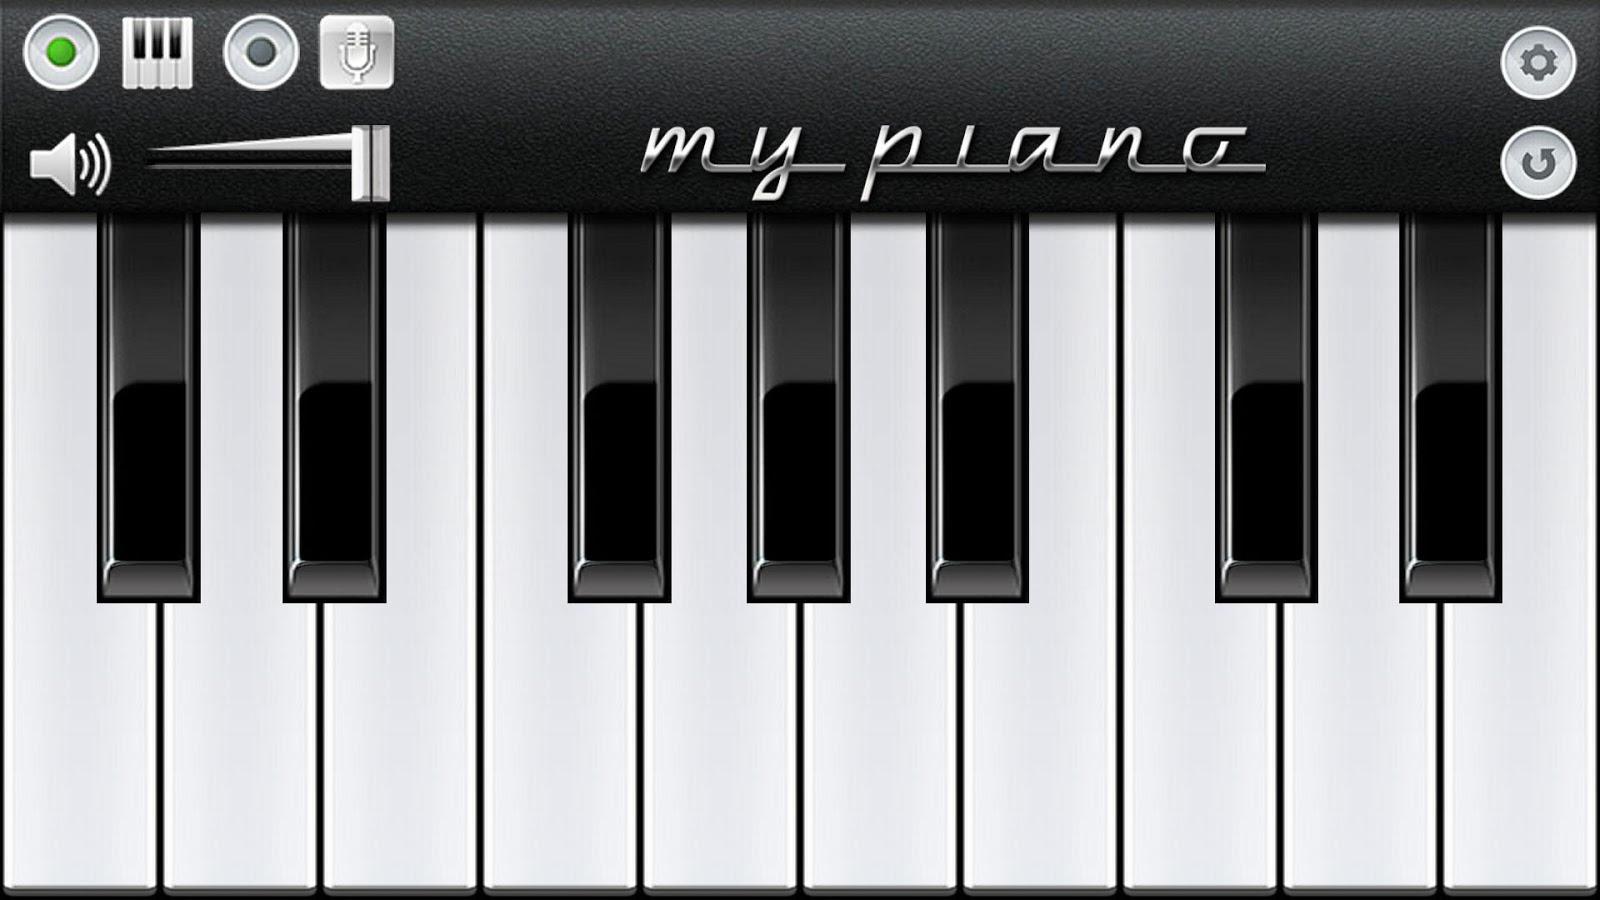 Пианино симулятор скачать